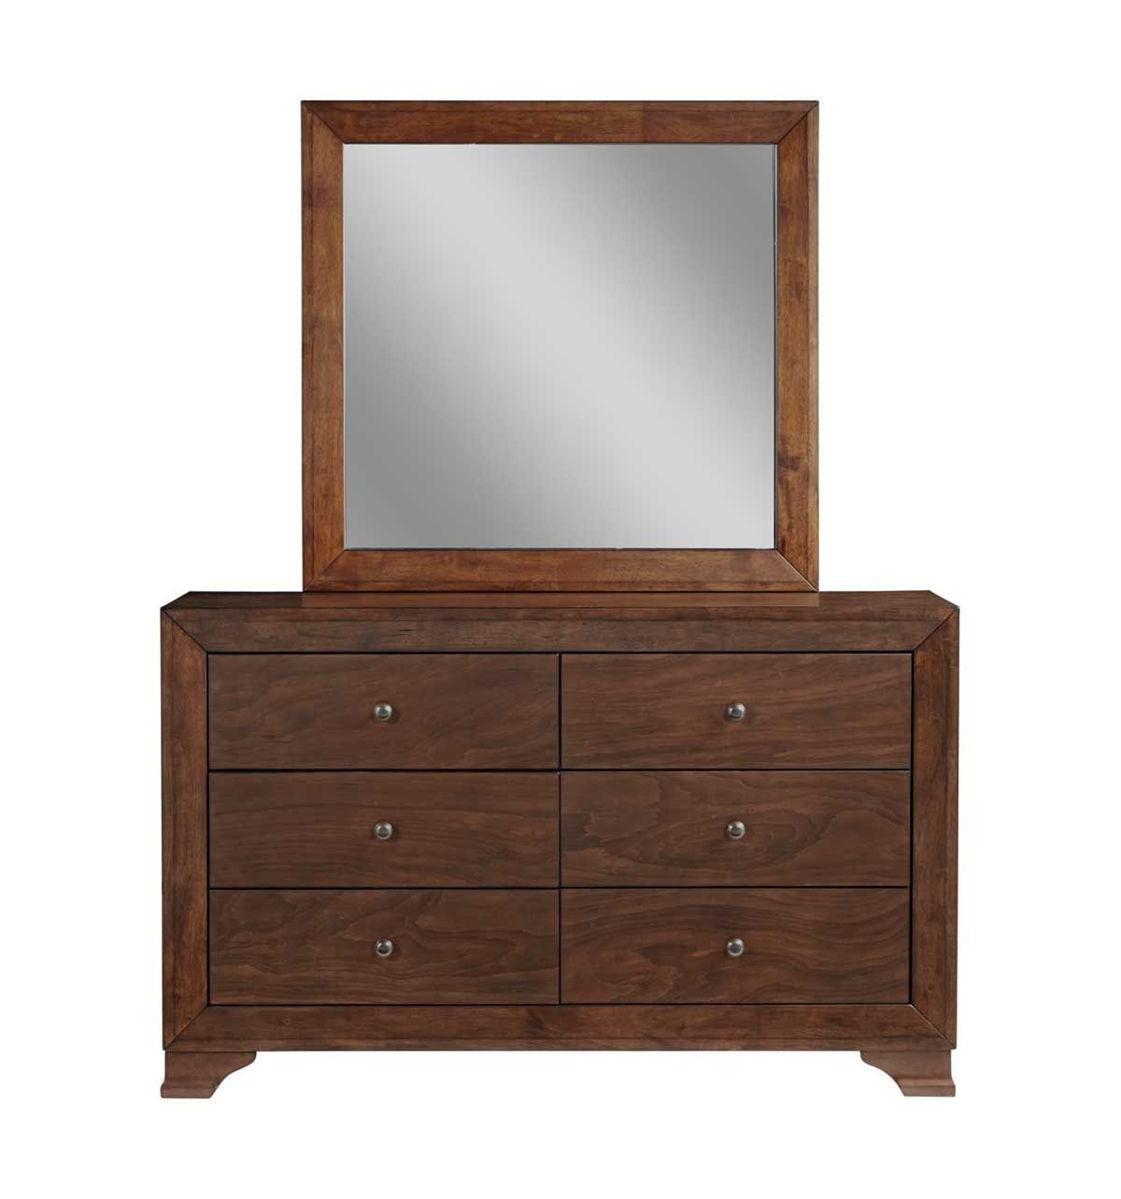 Picture of LANDON Dresser & Mirror